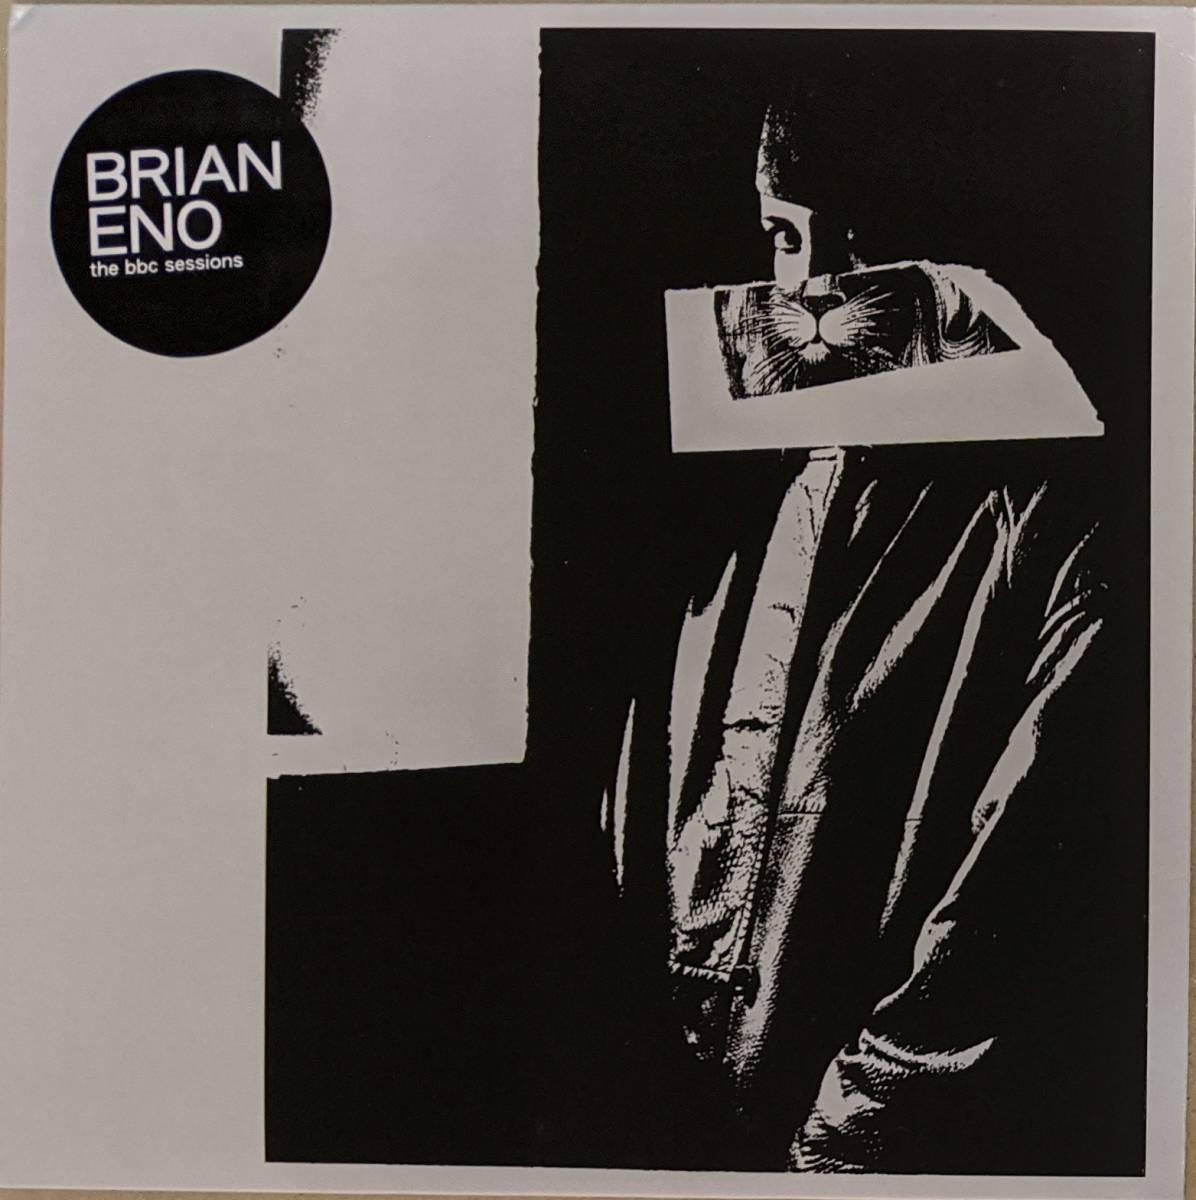 Brian Eno - The BBC Sessions 限定アナログ・レコード